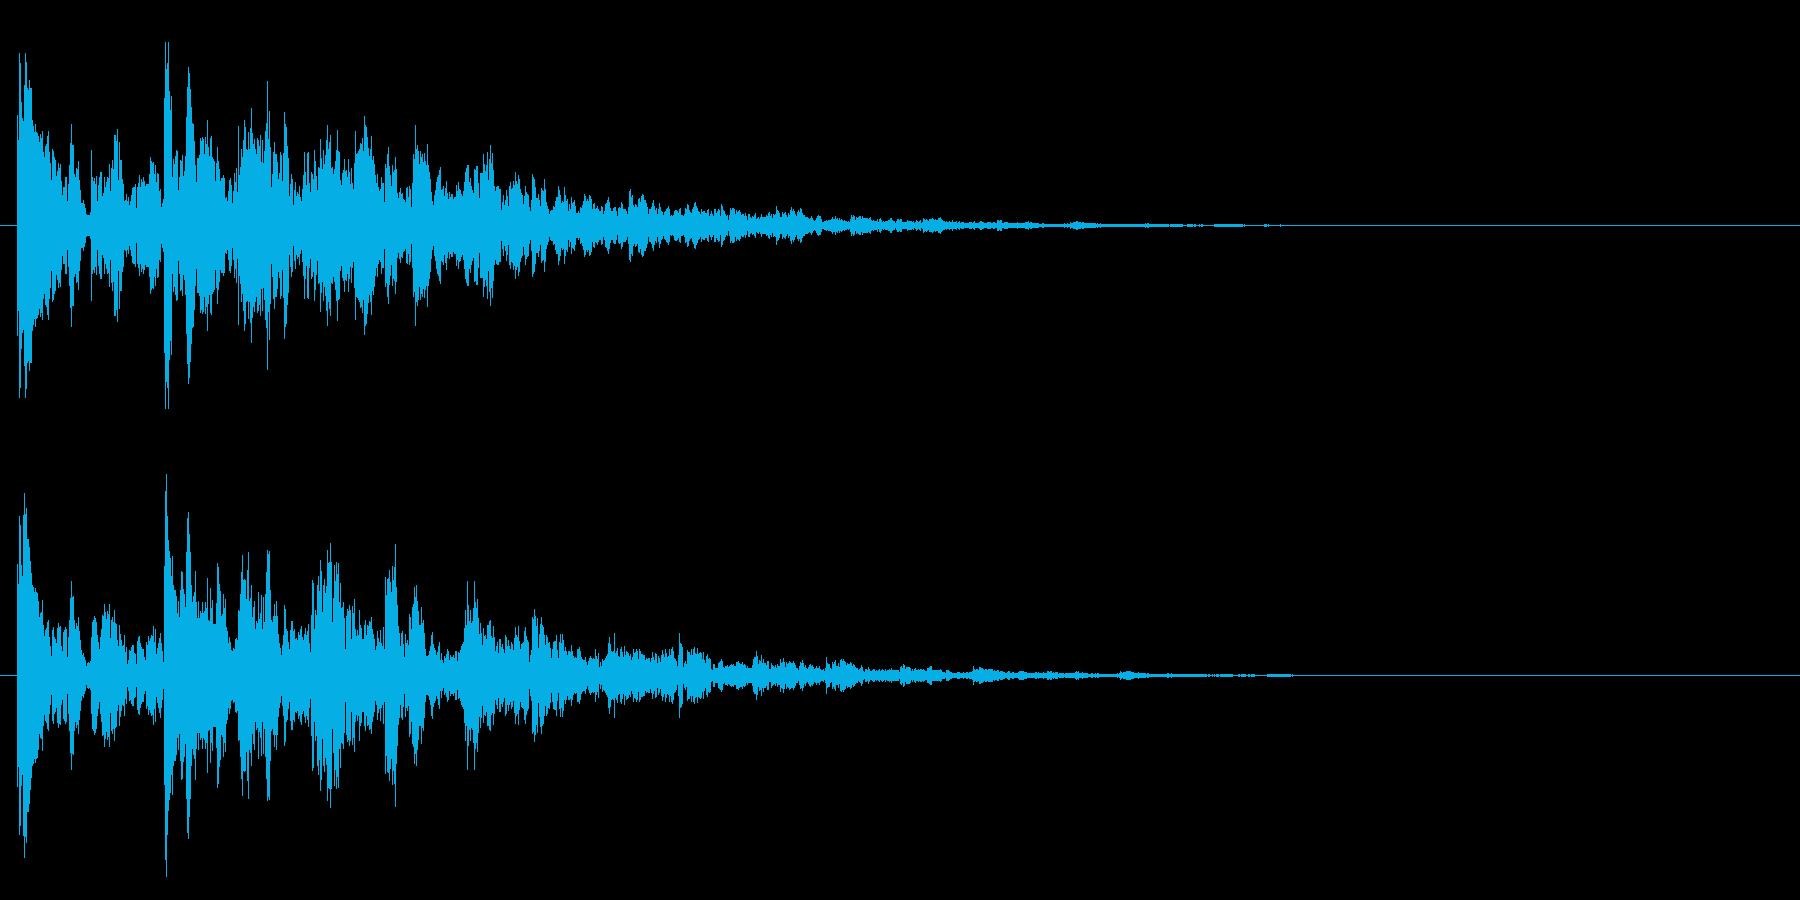 アイテムゲット・謎が解けた2の再生済みの波形